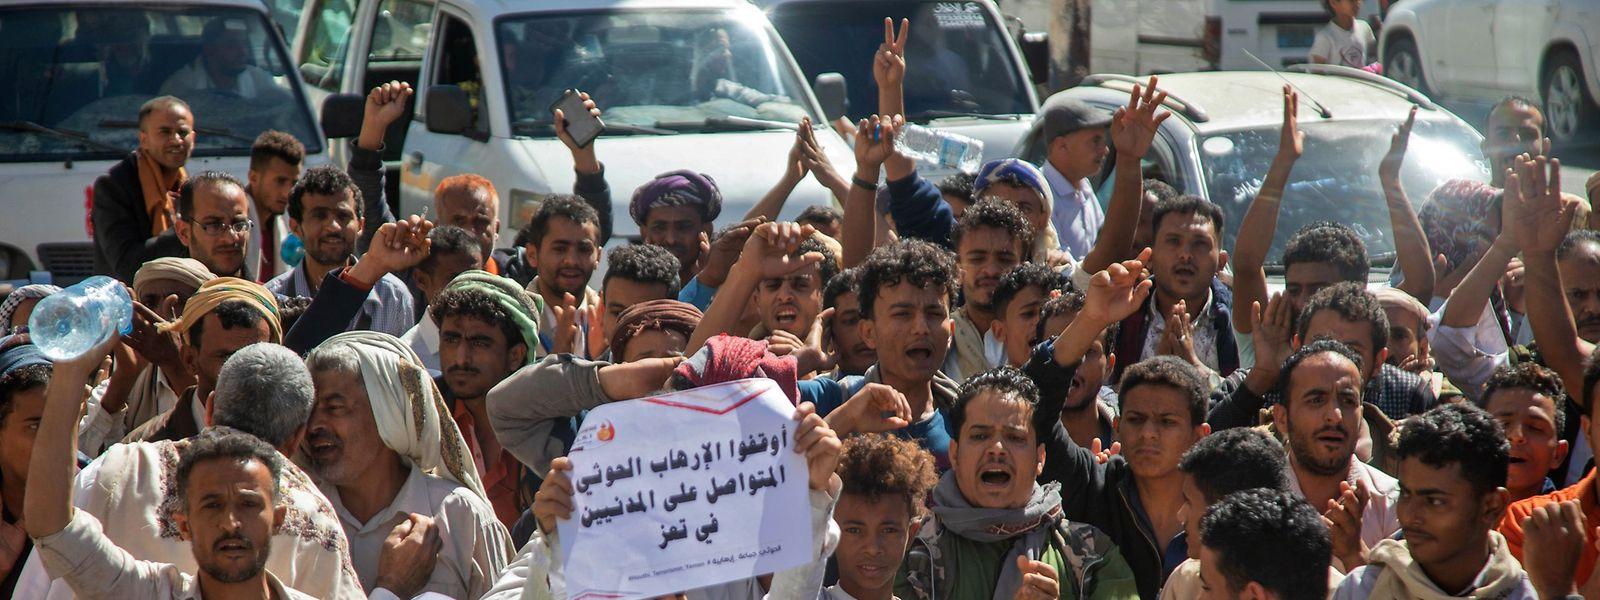 In Taez, der drittgrößten Stadt des Jemen, demonstrieren Gegner der Huthi-Rebellen Ende Januar gegen die Entscheidung der neuen US-Regierung, die Sanktionen gegen die Huthis zurückzunehmen.